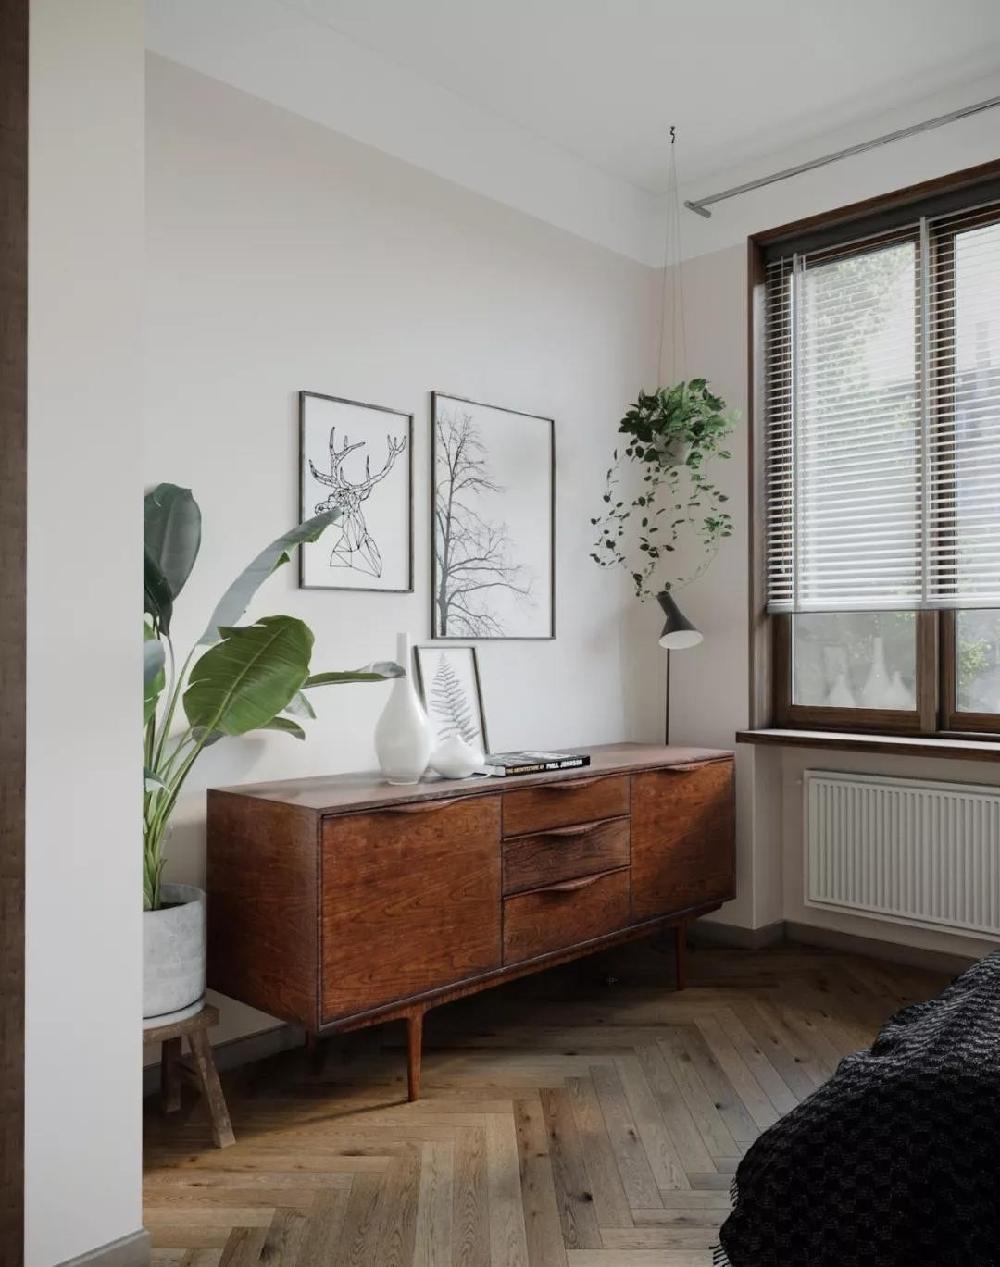 一室一厅的小宅,小平米也有大设计14223638